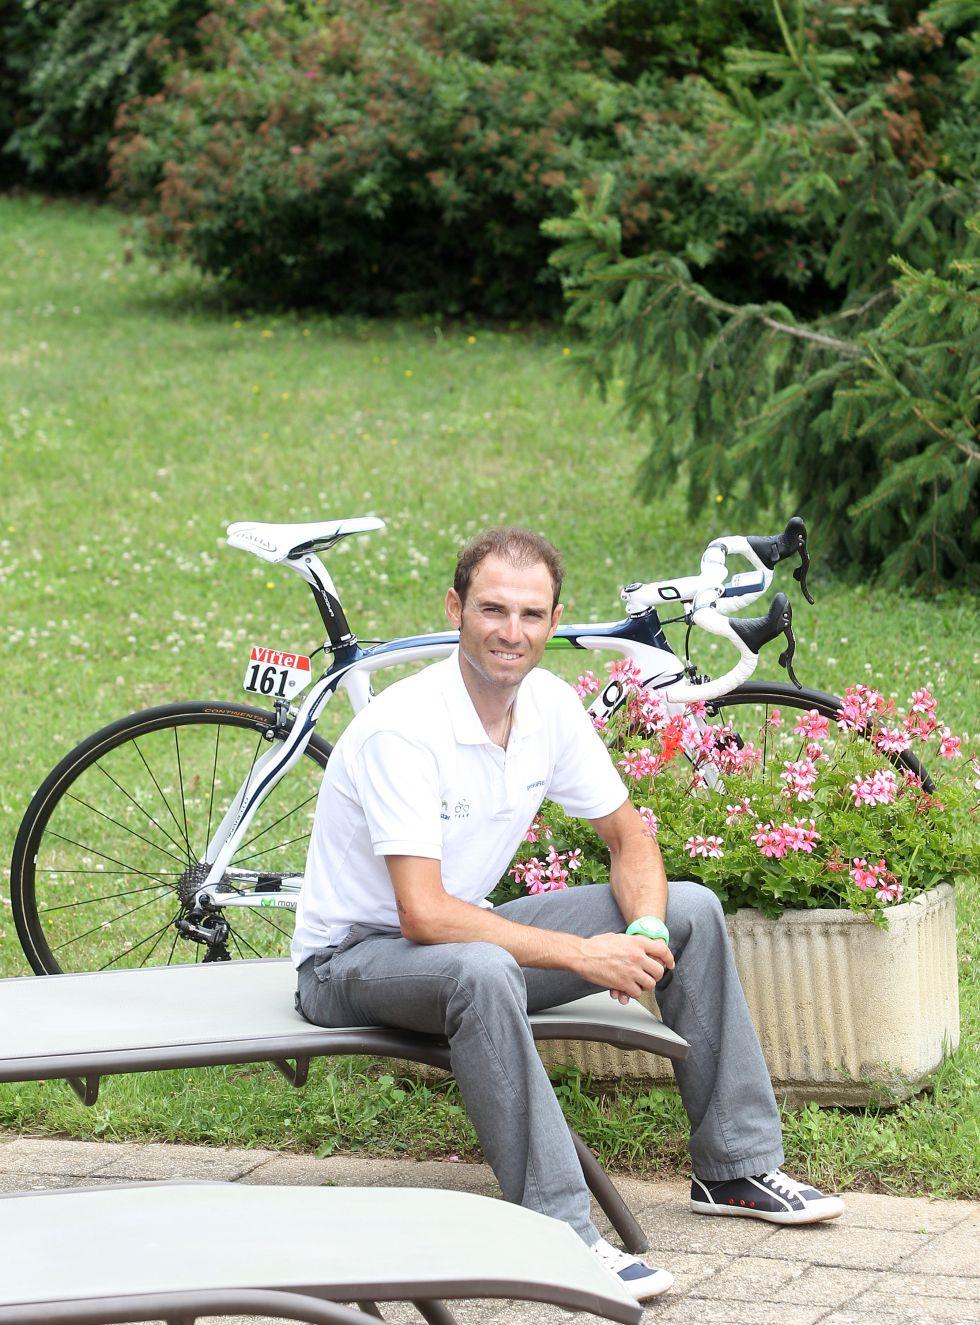 Tour de Francia 2012 1371598639_044663_1371598715_noticia_grande